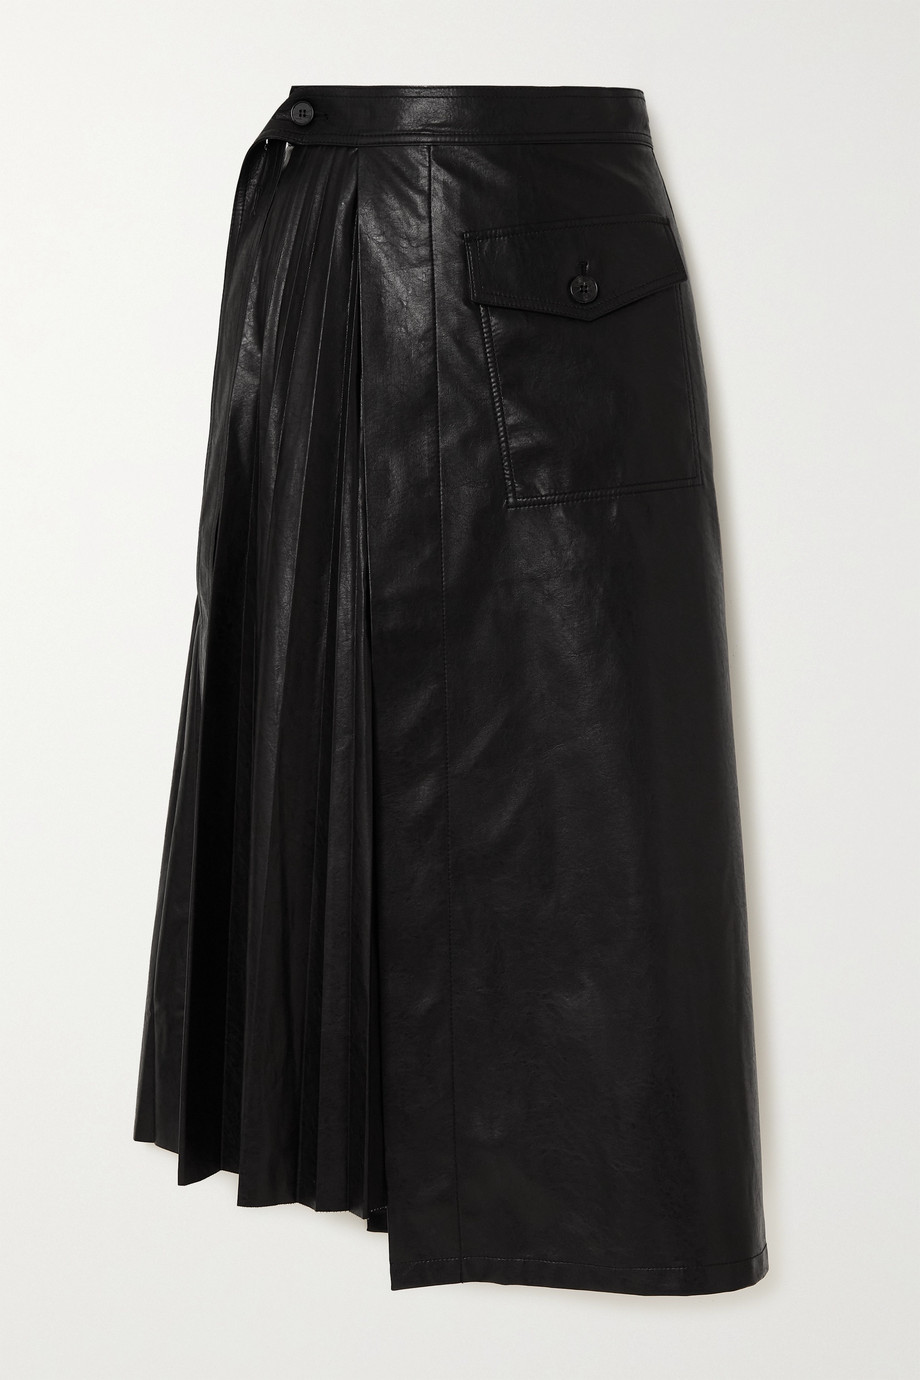 LVIR Jupe portefeuille asymétrique en cuir synthétique à plis